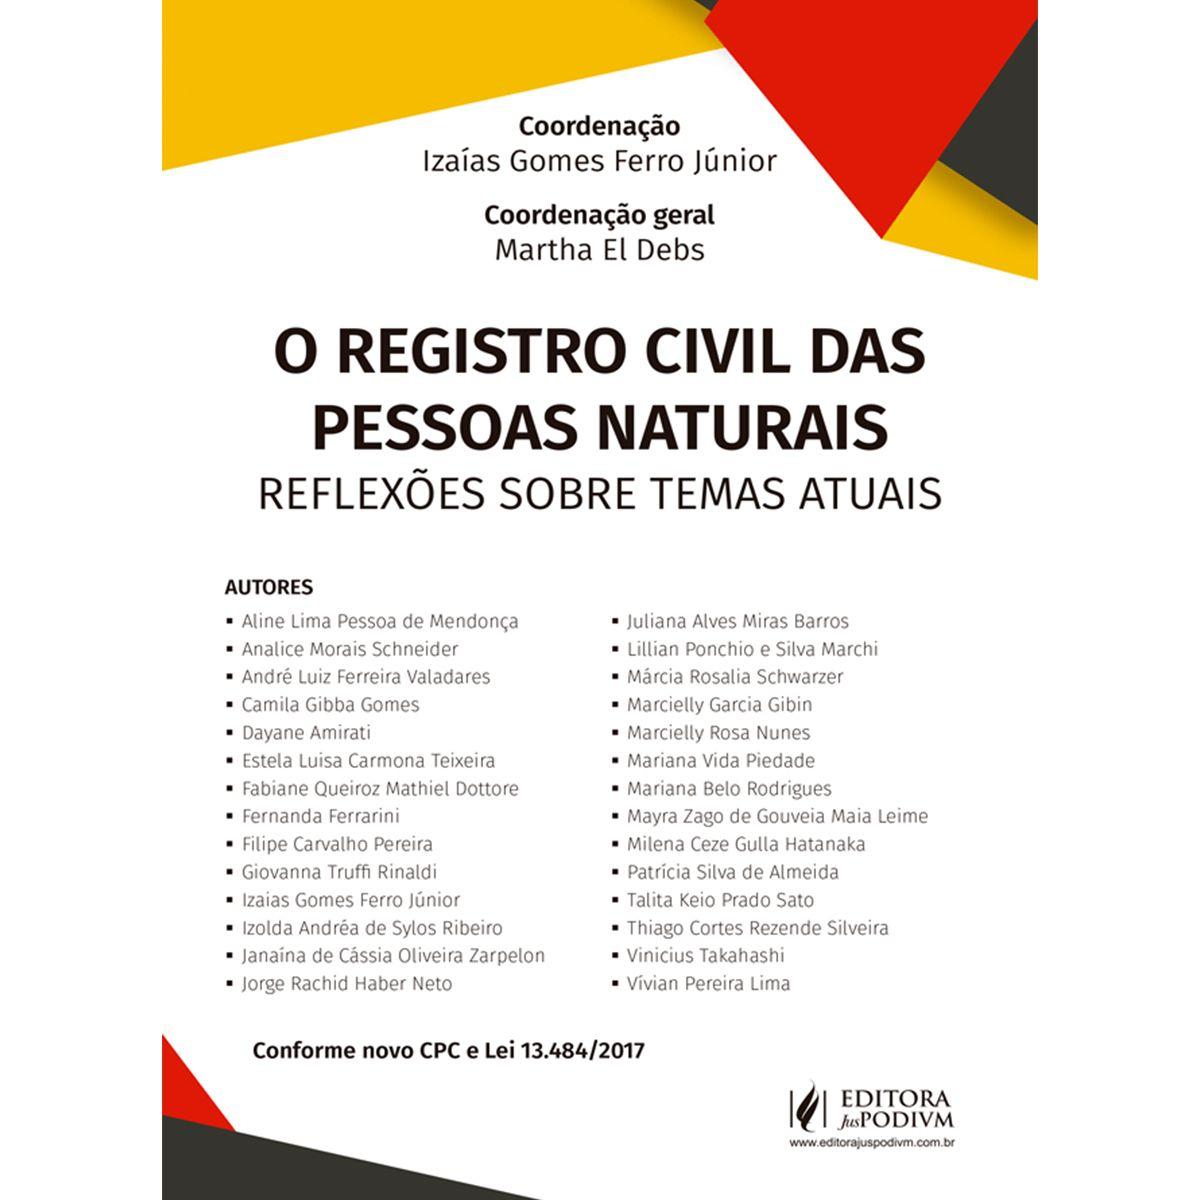 O Registro Civil Das Pessoas Naturais - Novos Estudos